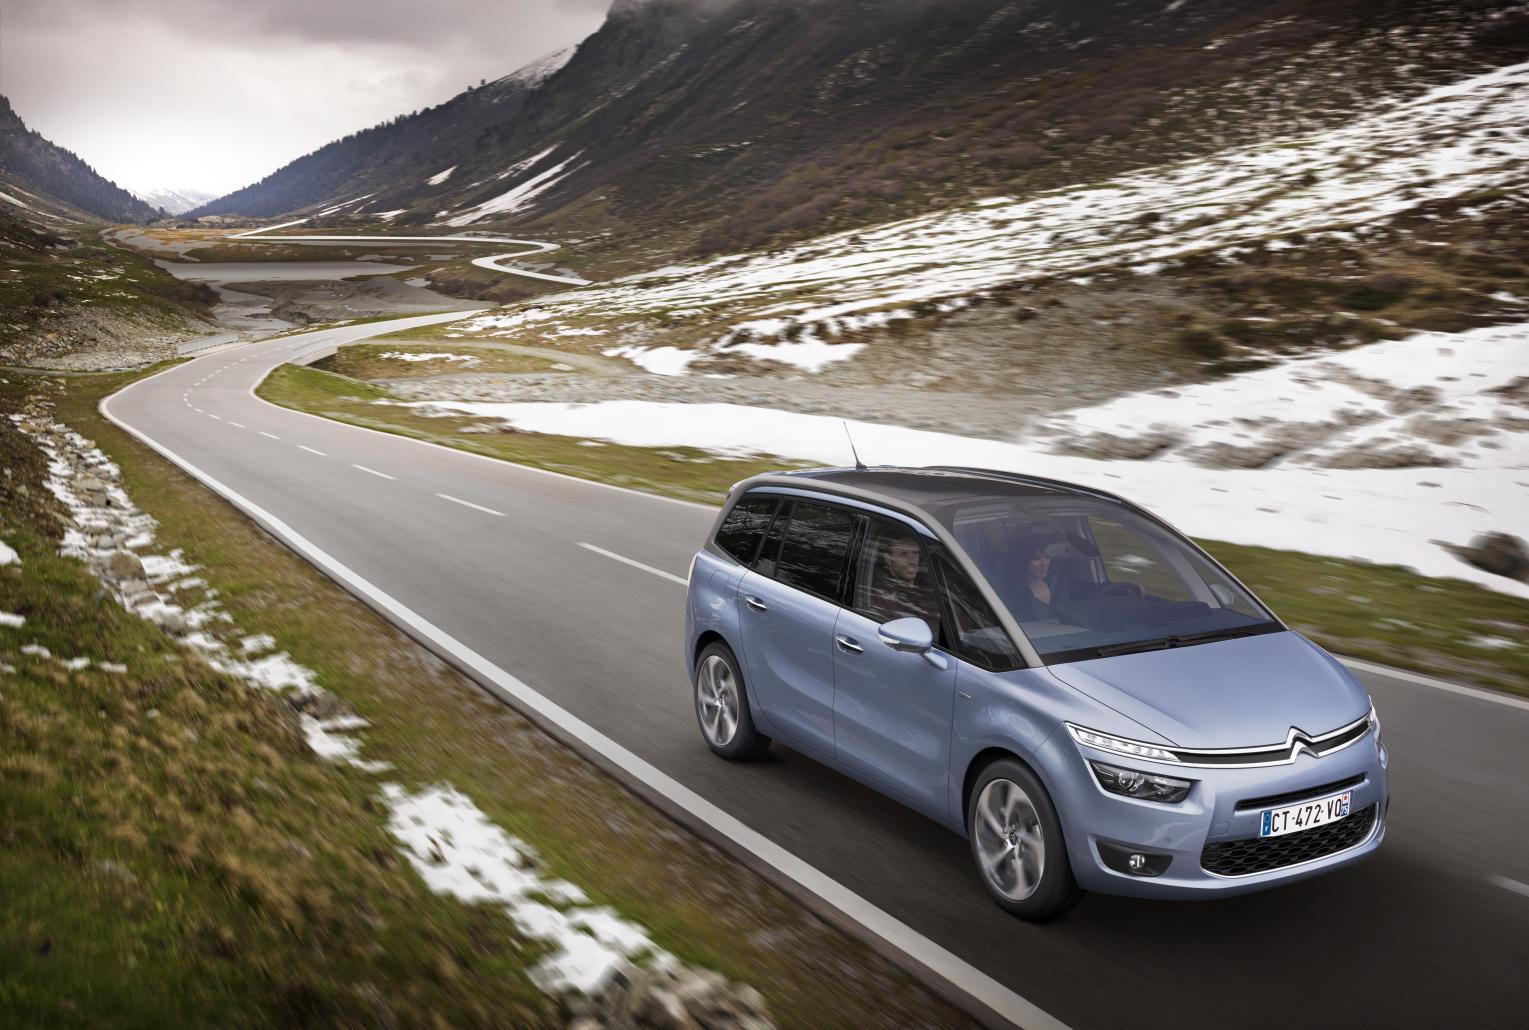 La revista Top Gear le otorga al Citroën C4 Gran Picasso el premio de mejor automóvil familiar del año